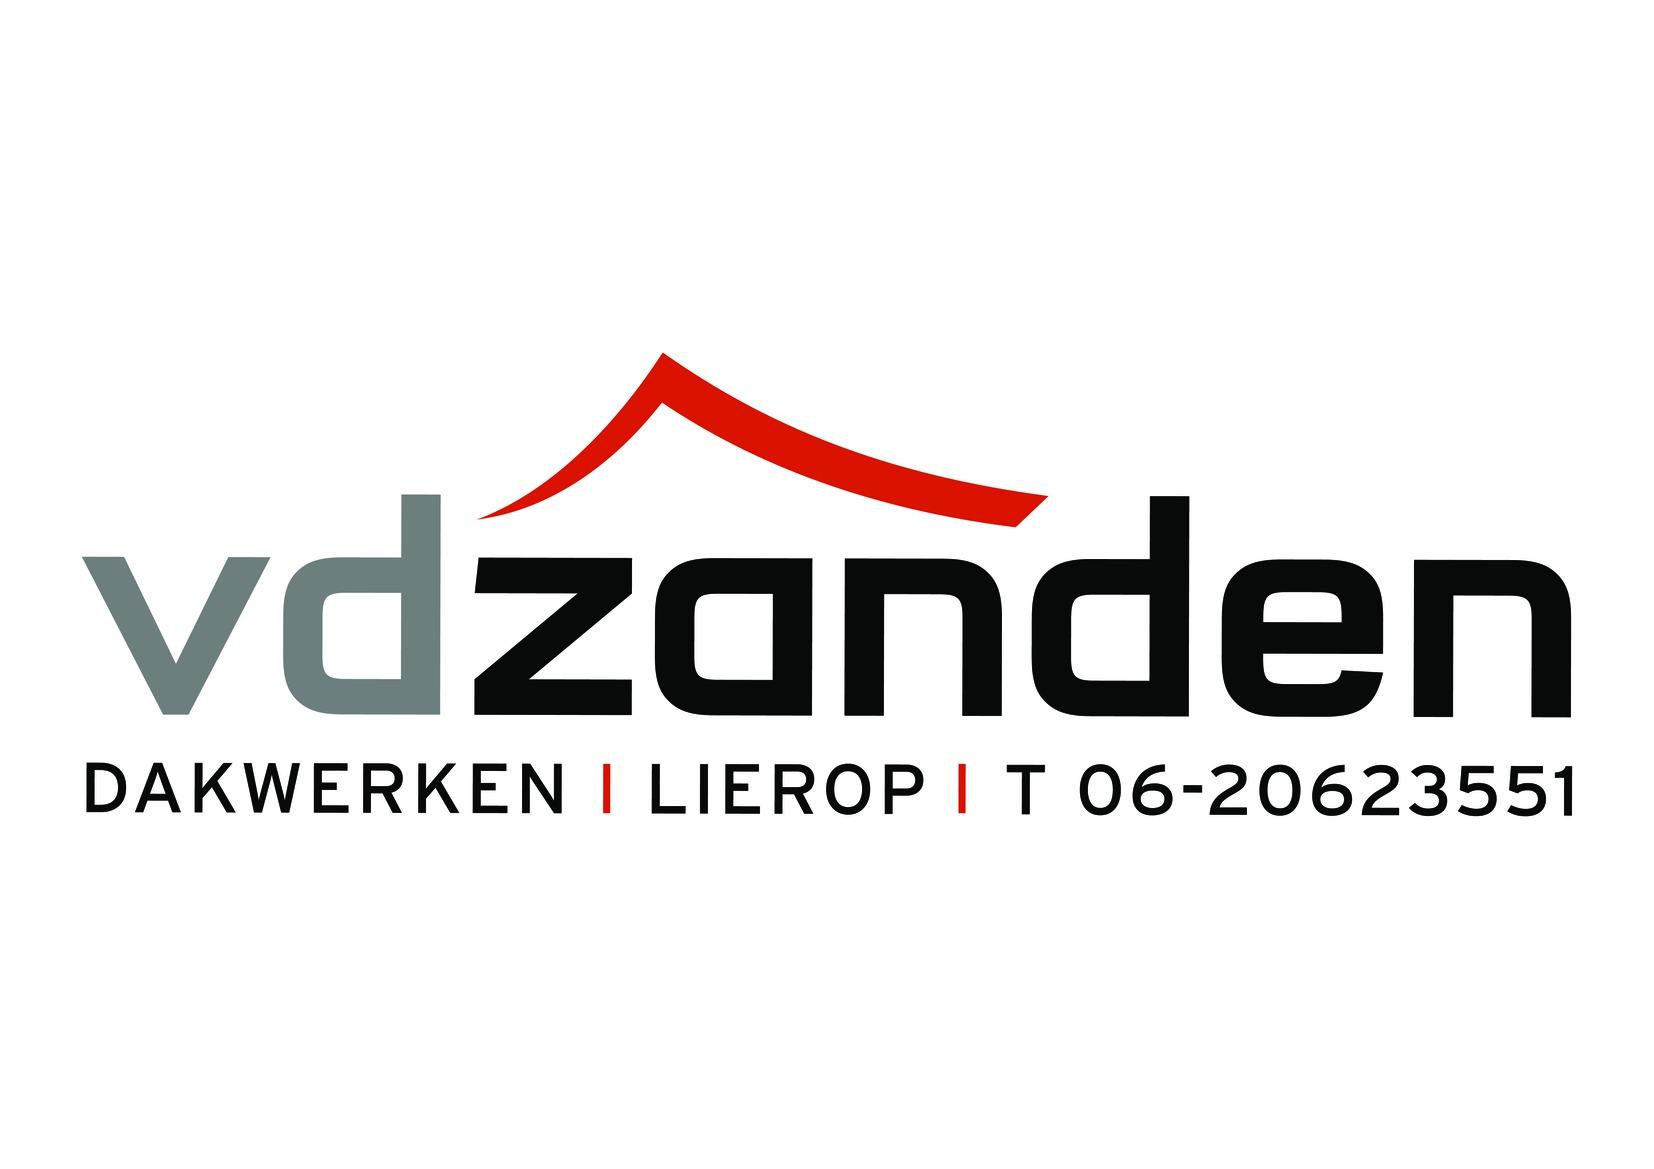 marcel_vd_zanden